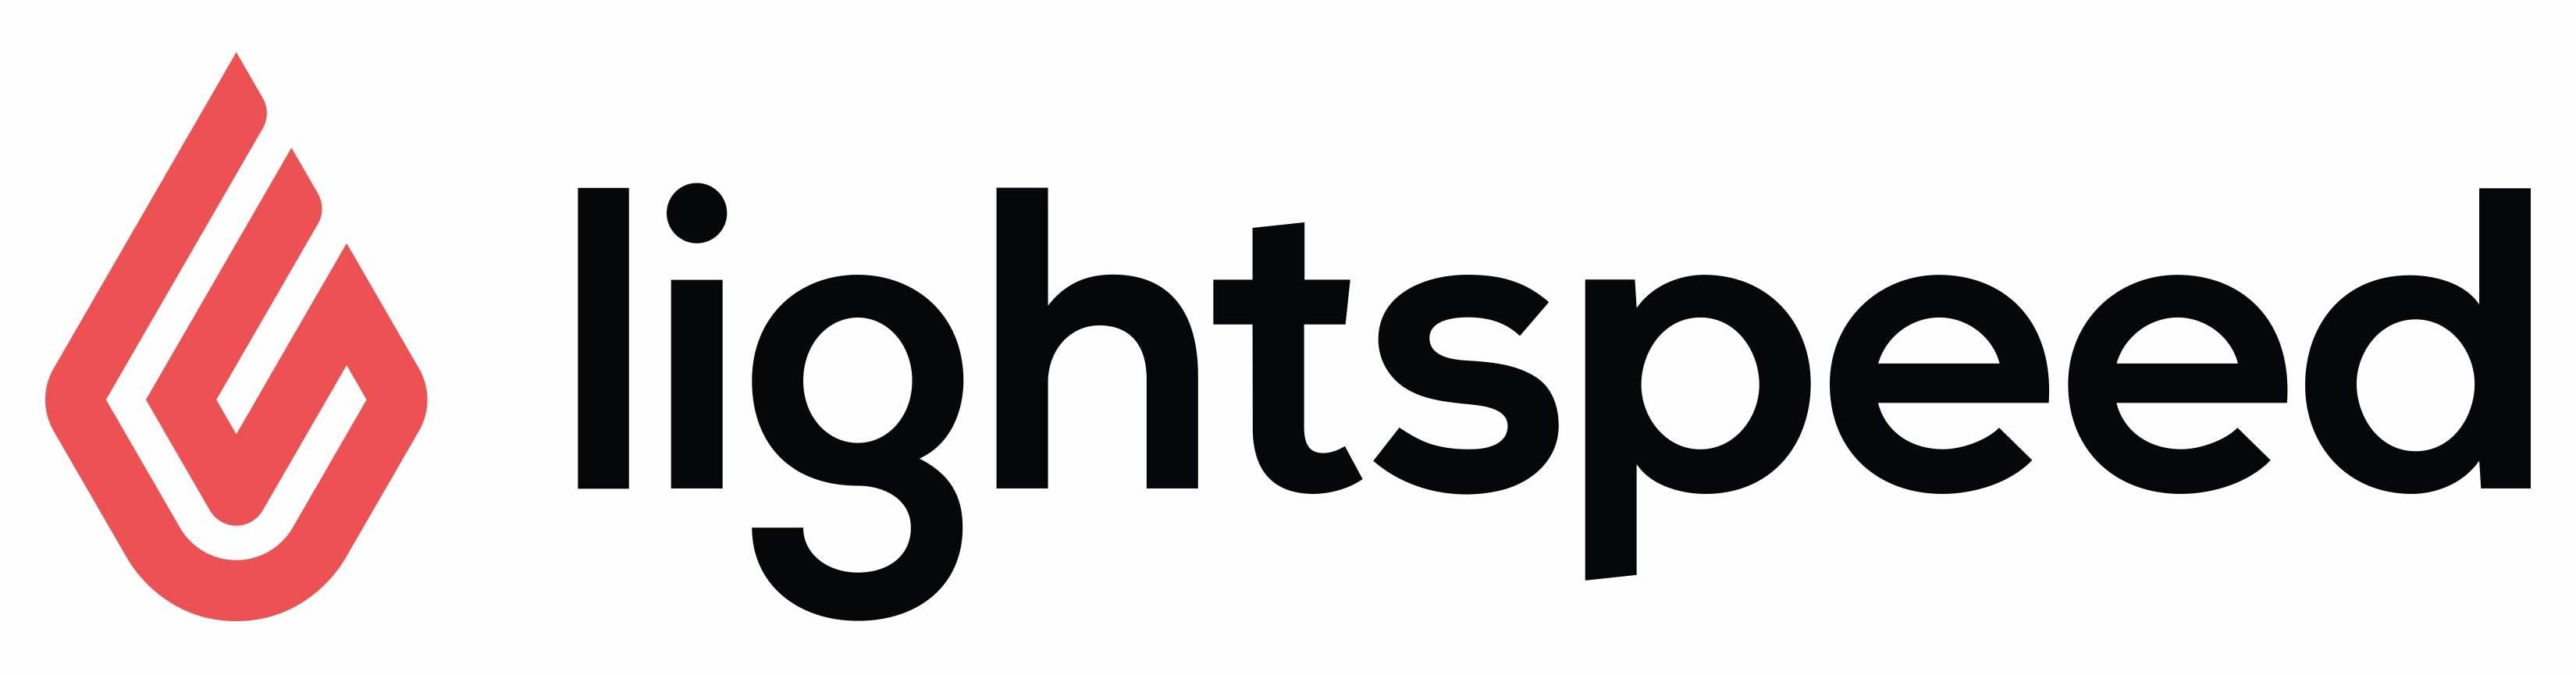 lightspeed_logo_rd.jpeg